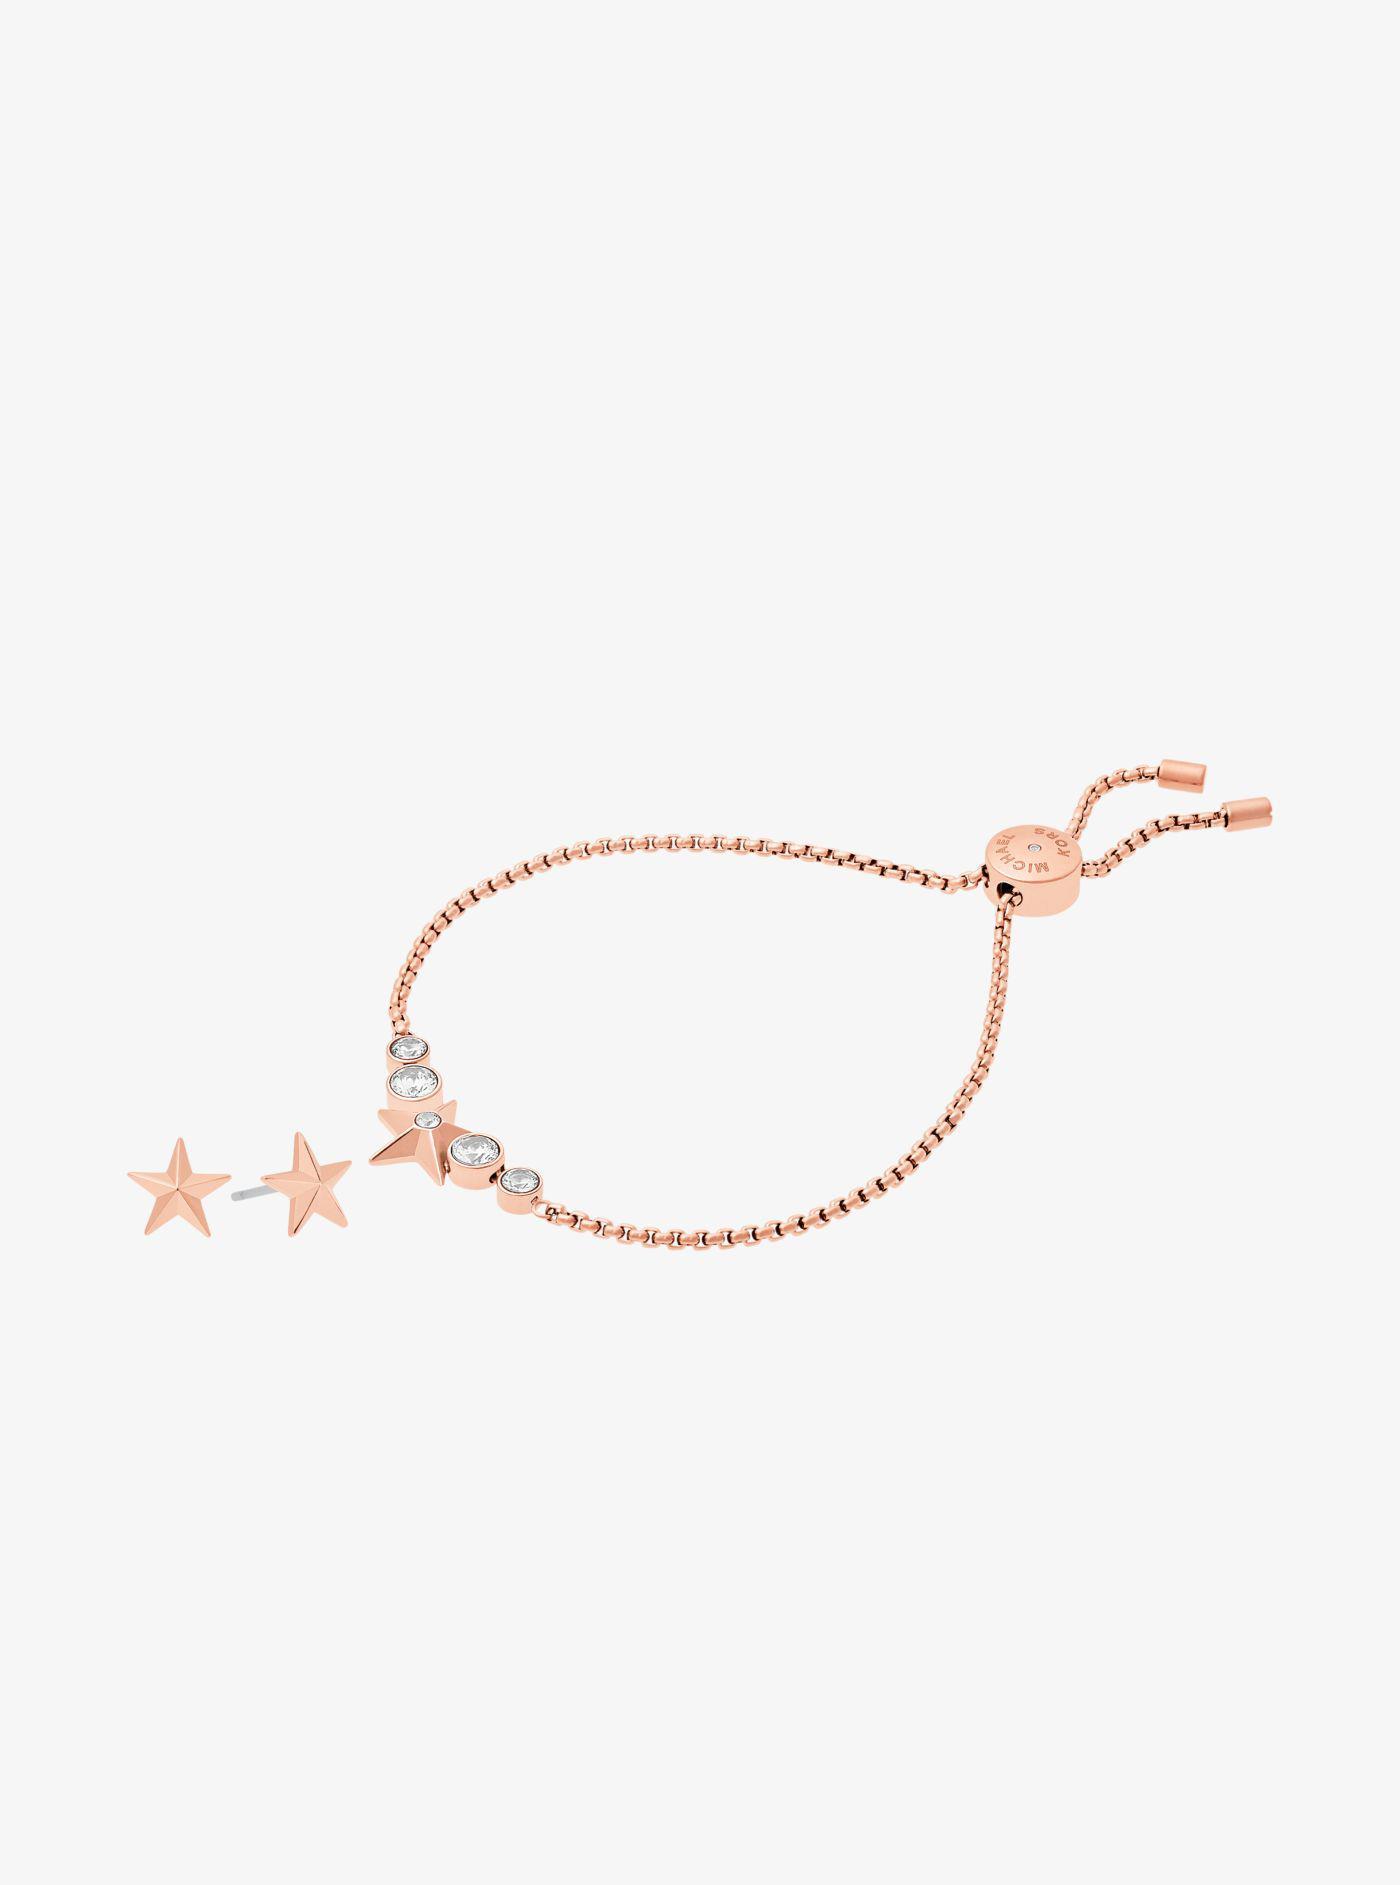 Michael Kors Gold-Tone Star Slider Bracelet And Earrings Set bpENC